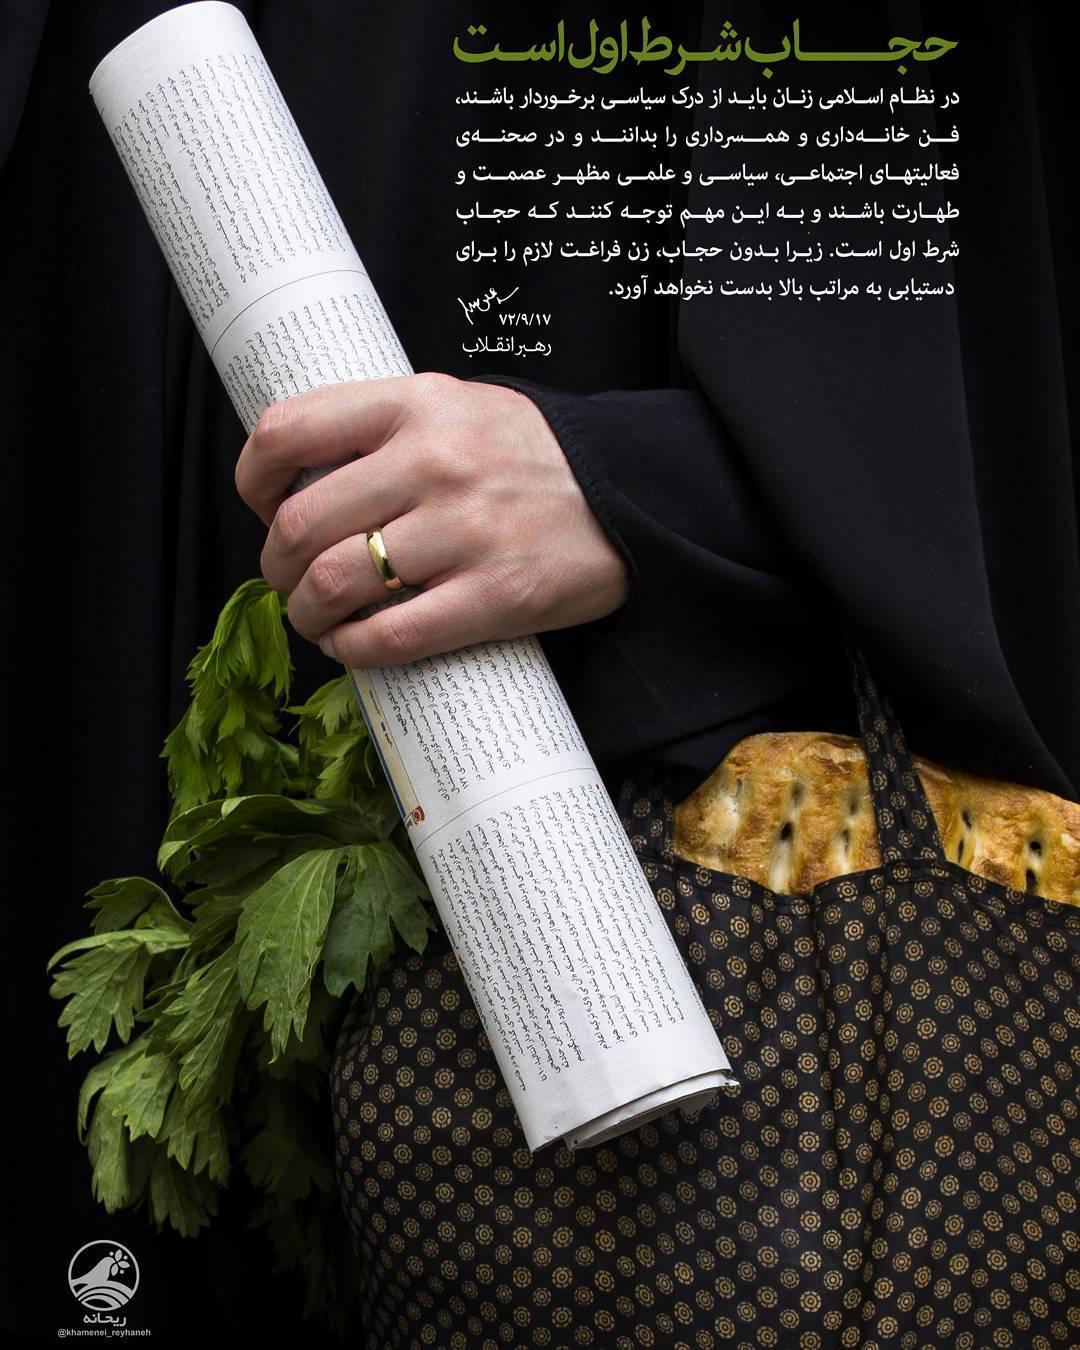 رهبر انقلاب حجاب شرط اول است. زیرا بدون حجاب، زن فراغت لازم را برای دستیابی به مراتب بالا بدست نخواهد آورد..jpg (1080×1350)